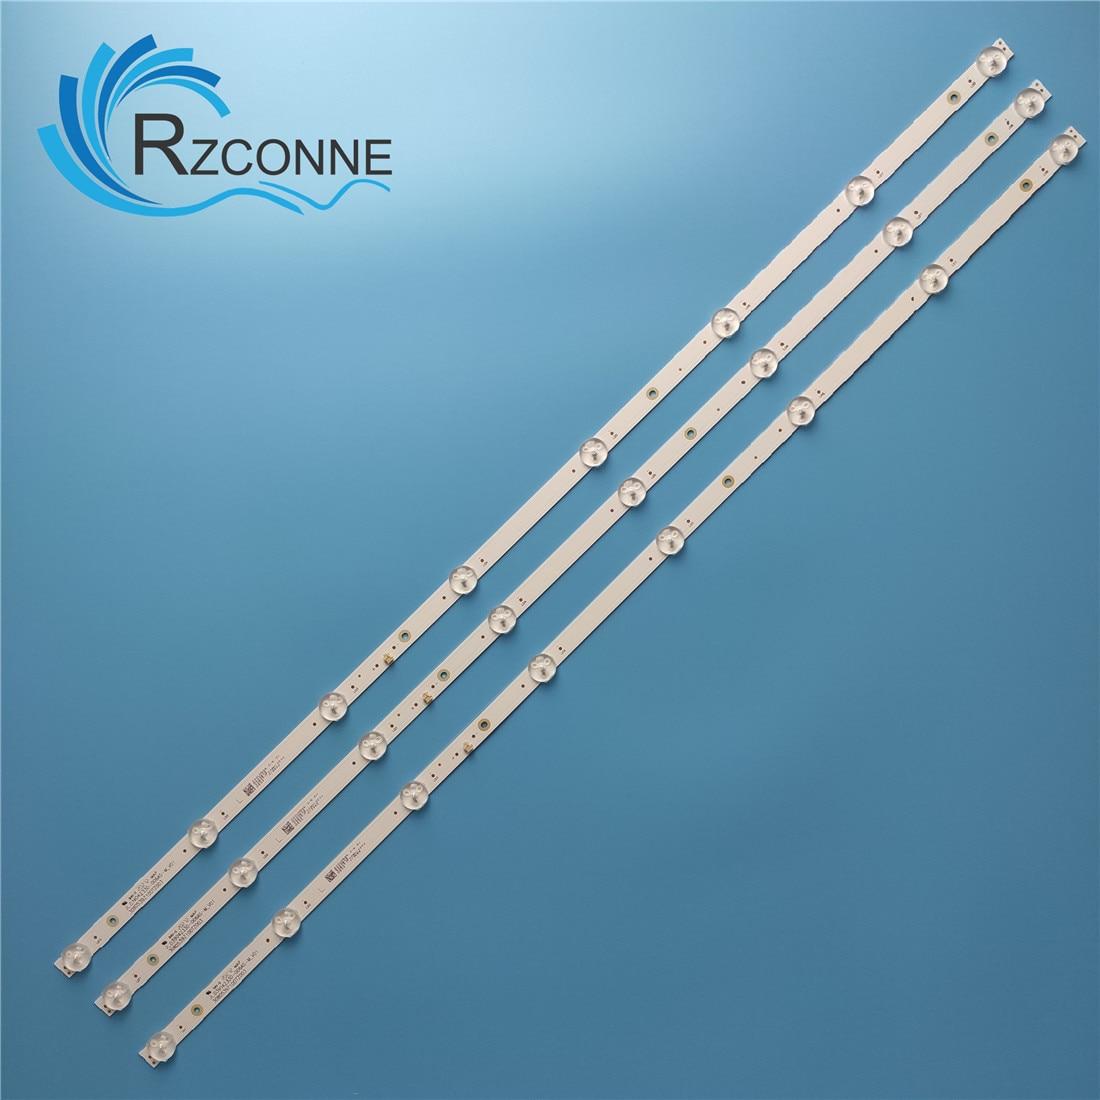 led-backlight-strip-8-lamp-for-pixel-39-tv-le39z1-jld39042330-006as-m_v01-3080539z10dtz003-ms-l1795-6v-led-cx390dledm-h39d7100e